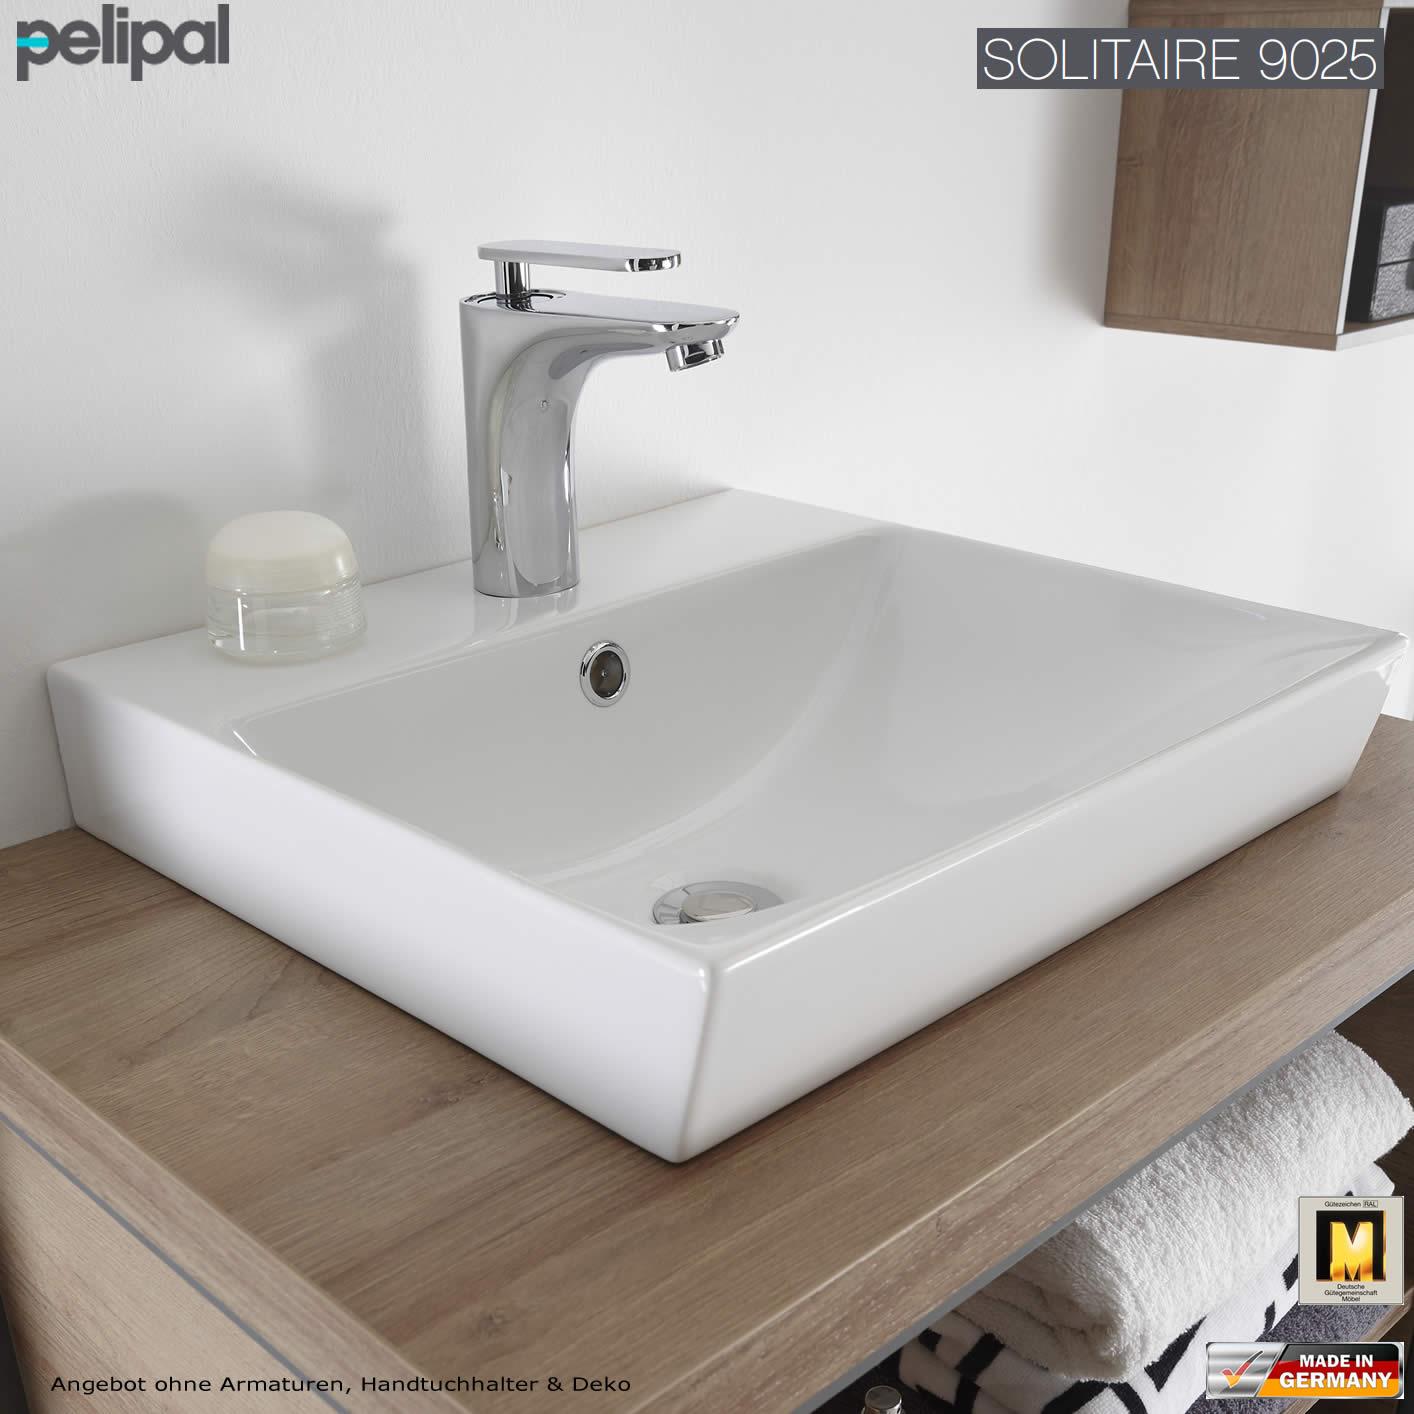 Badmobel Waschtisch Pergamon Waschbecken Villeroy Boch Pergamon